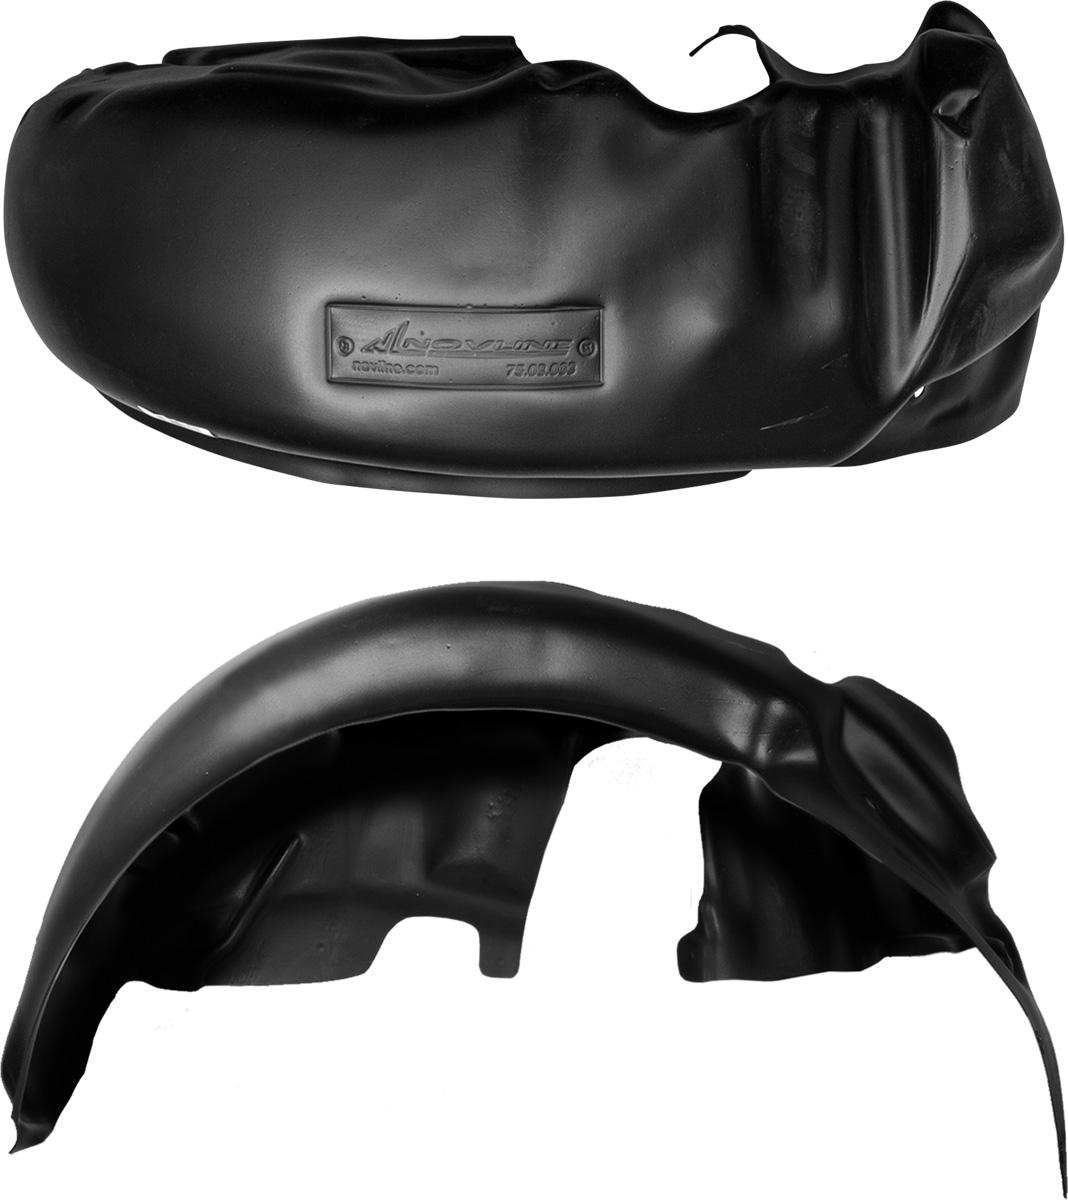 Подкрылок Novline-Autofamily, для Mitsubishi Pajero Sport, 2008->, передний правыйNLL.35.20.002Колесные ниши - одни из самых уязвимых зон днища вашего автомобиля. Они постоянно подвергаются воздействию со стороны дороги. Лучшая, почти абсолютная защита для них - специально отформованные пластиковые кожухи, которые называются подкрылками. Производятся они как для отечественных моделей автомобилей, так и для иномарок. Подкрылки Novline-Autofamily выполнены из высококачественного, экологически чистого пластика. Обеспечивают надежную защиту кузова автомобиля от пескоструйного эффекта и негативного влияния, агрессивных антигололедных реагентов. Пластик обладает более низкой теплопроводностью, чем металл, поэтому в зимний период эксплуатации использование пластиковых подкрылков позволяет лучше защитить колесные ниши от налипания снега и образования наледи. Оригинальность конструкции подчеркивает элегантность автомобиля, бережно защищает нанесенное на днище кузова антикоррозийное покрытие и позволяет осуществить крепление подкрылков внутри колесной арки практически без...